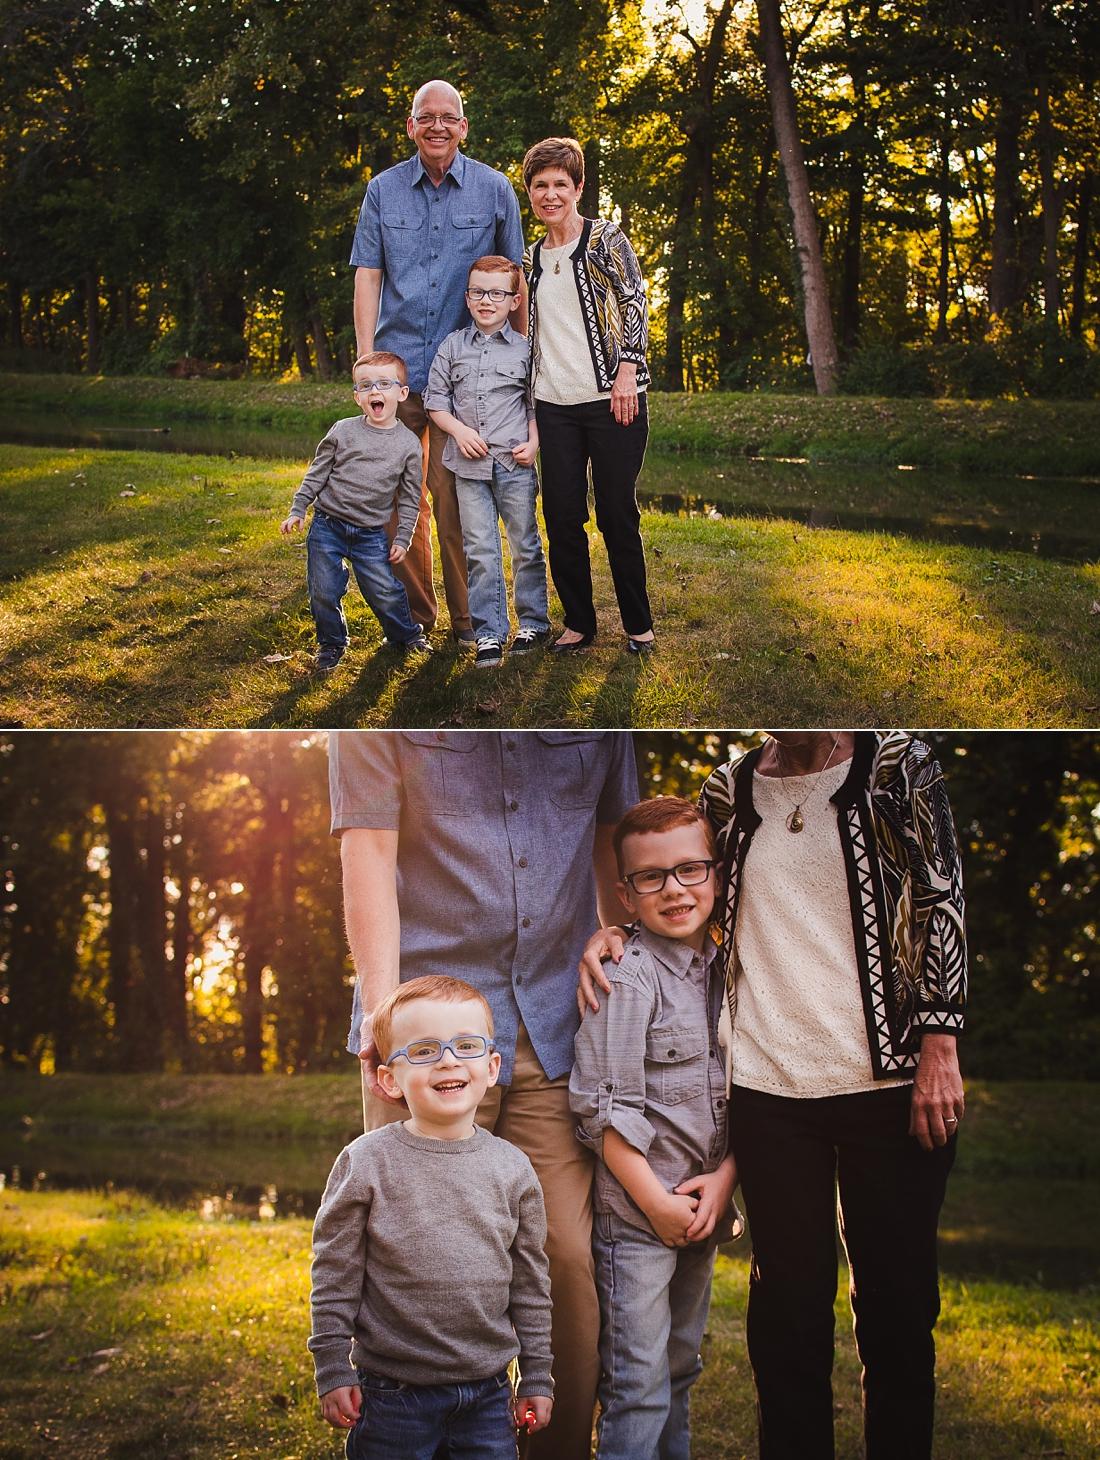 holcomb-gardens-family-session_0005.jpg